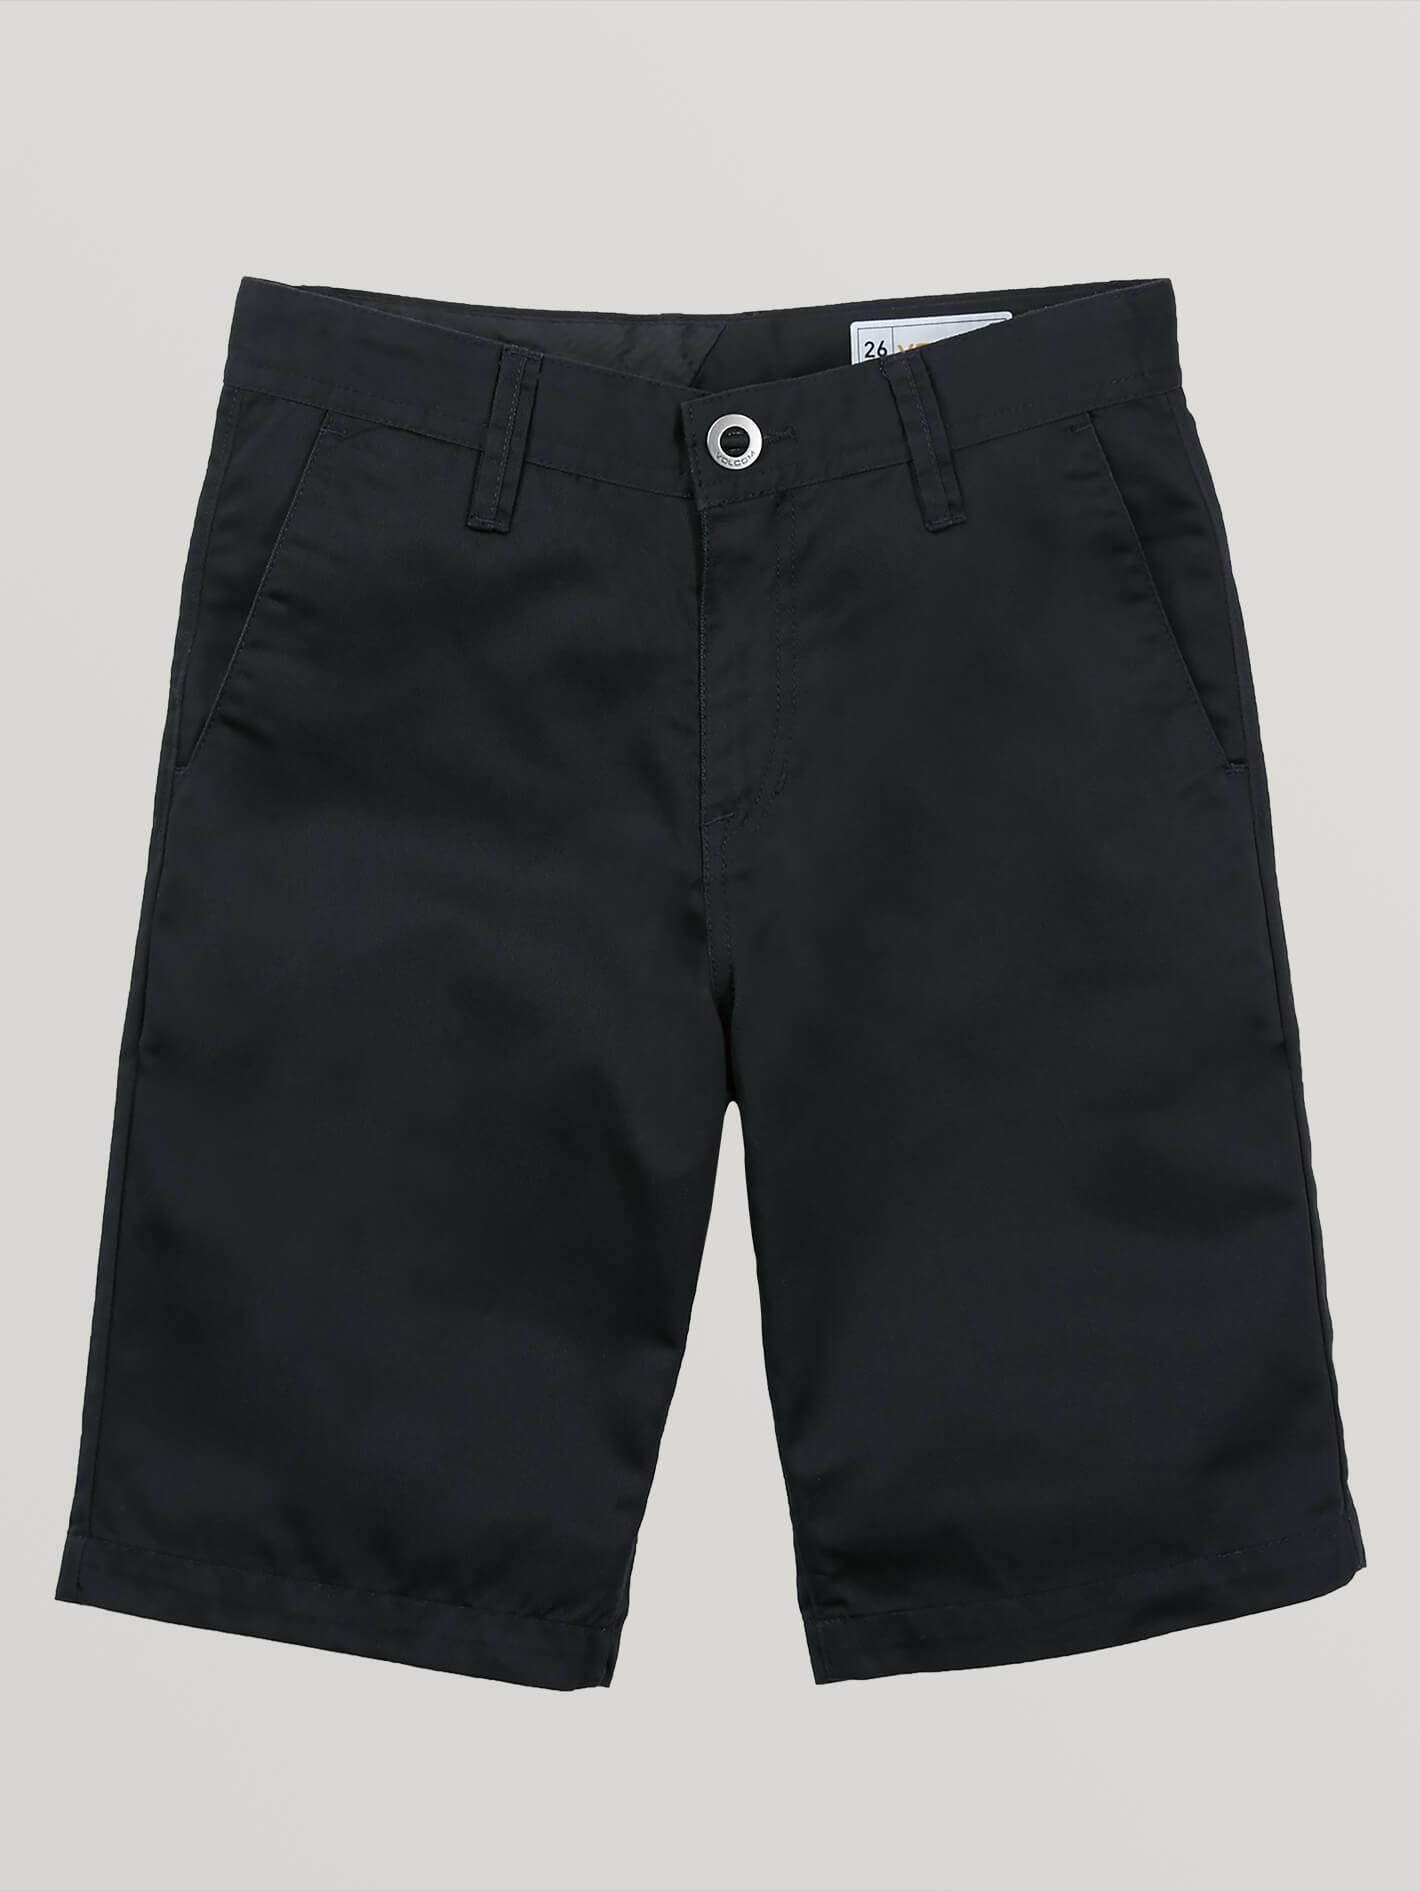 Big Boys Frickin Chino Shorts - BLACK / 27